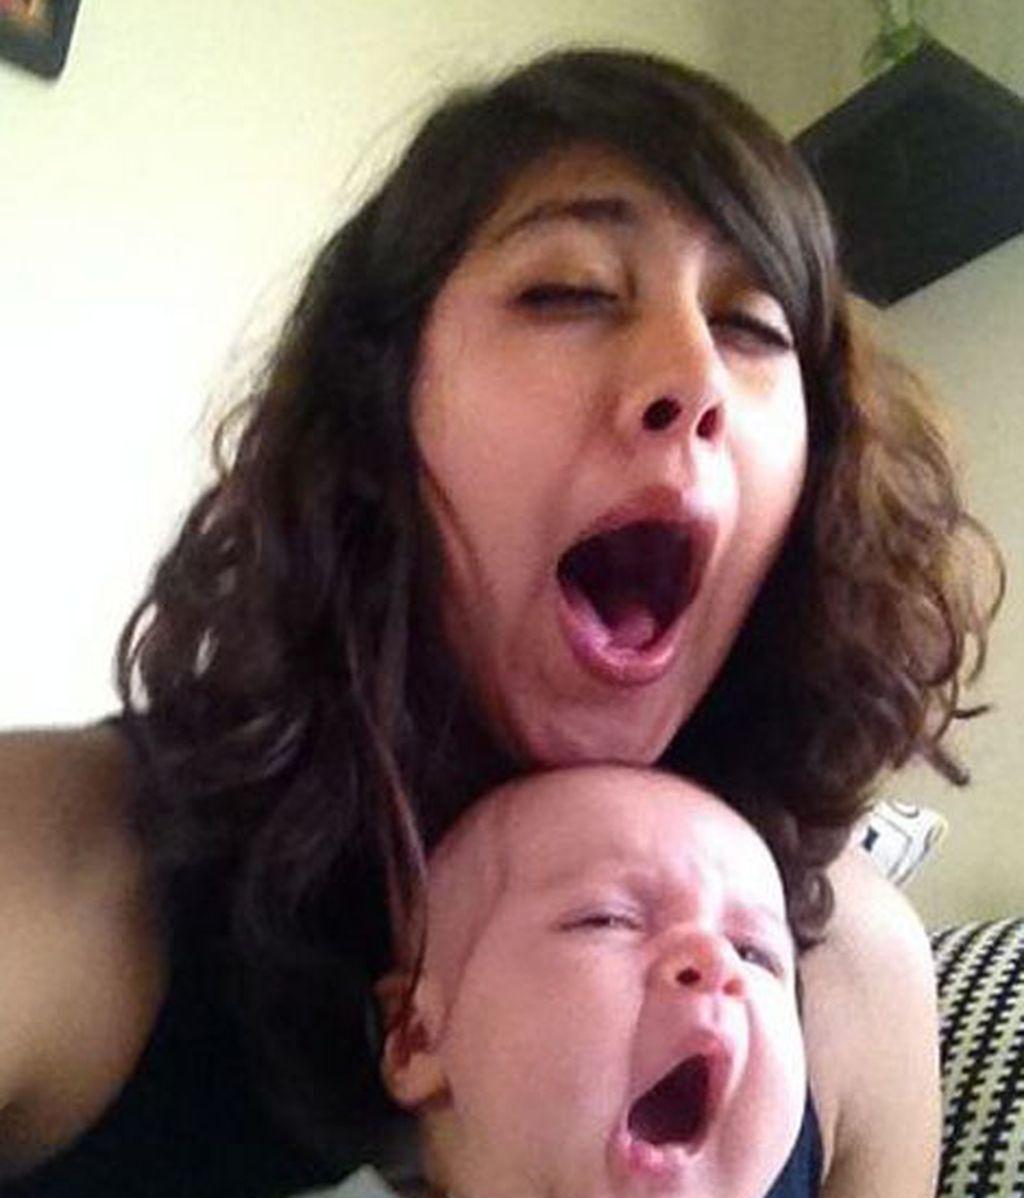 Caritas de bebé